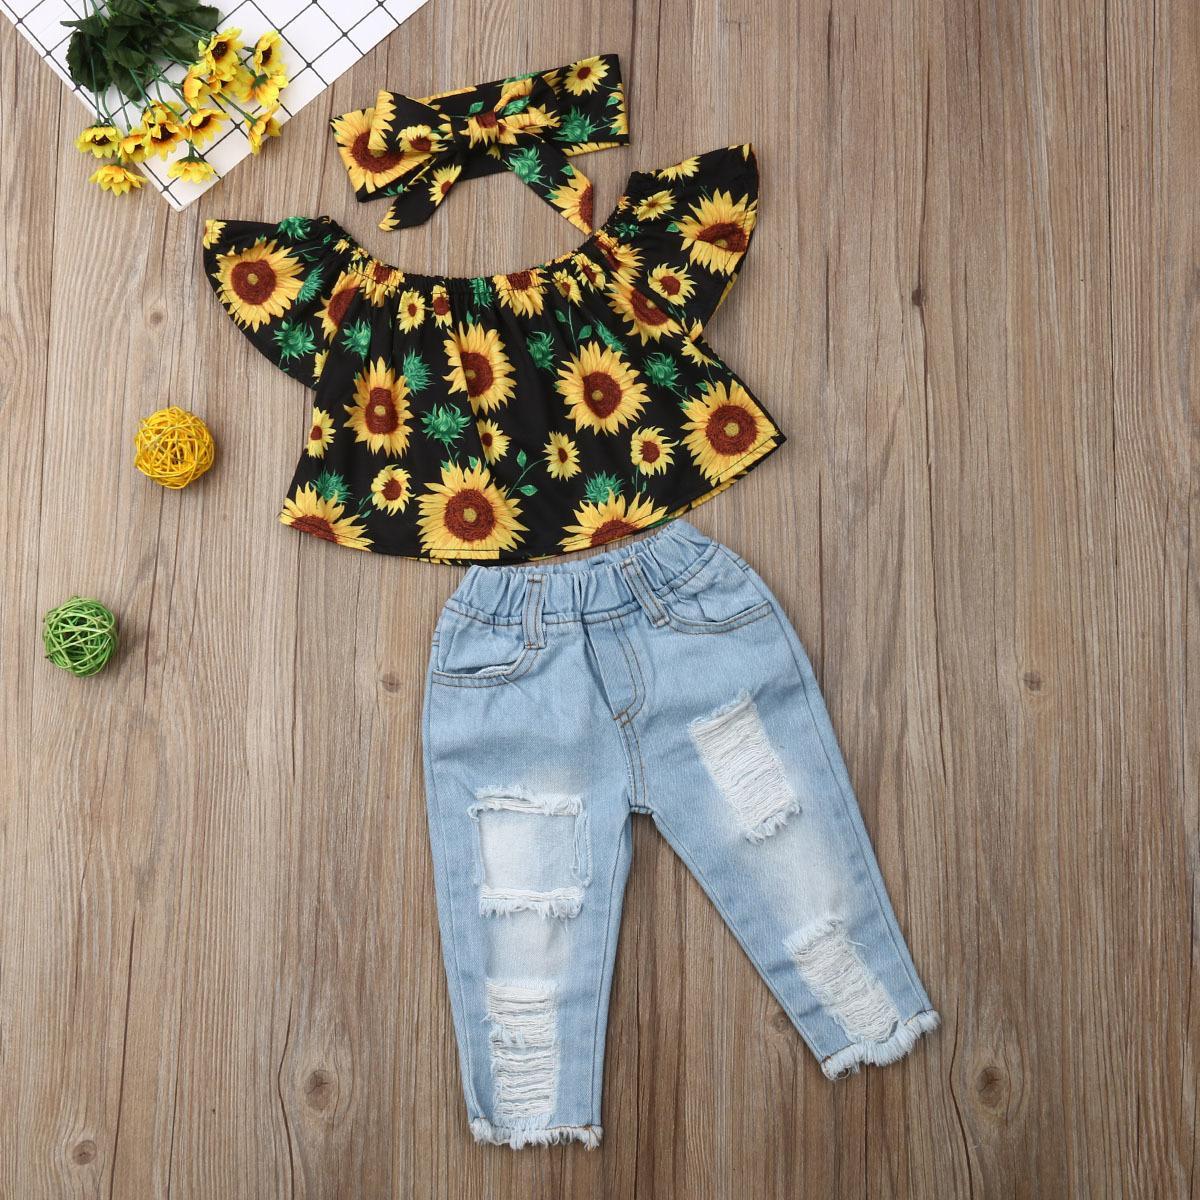 طفل طفلة الملابس قبالة الكتف عباد الشمس الزهور الأعلى وممزق الدينيم مجموعة بانت مع العصابة Y200325